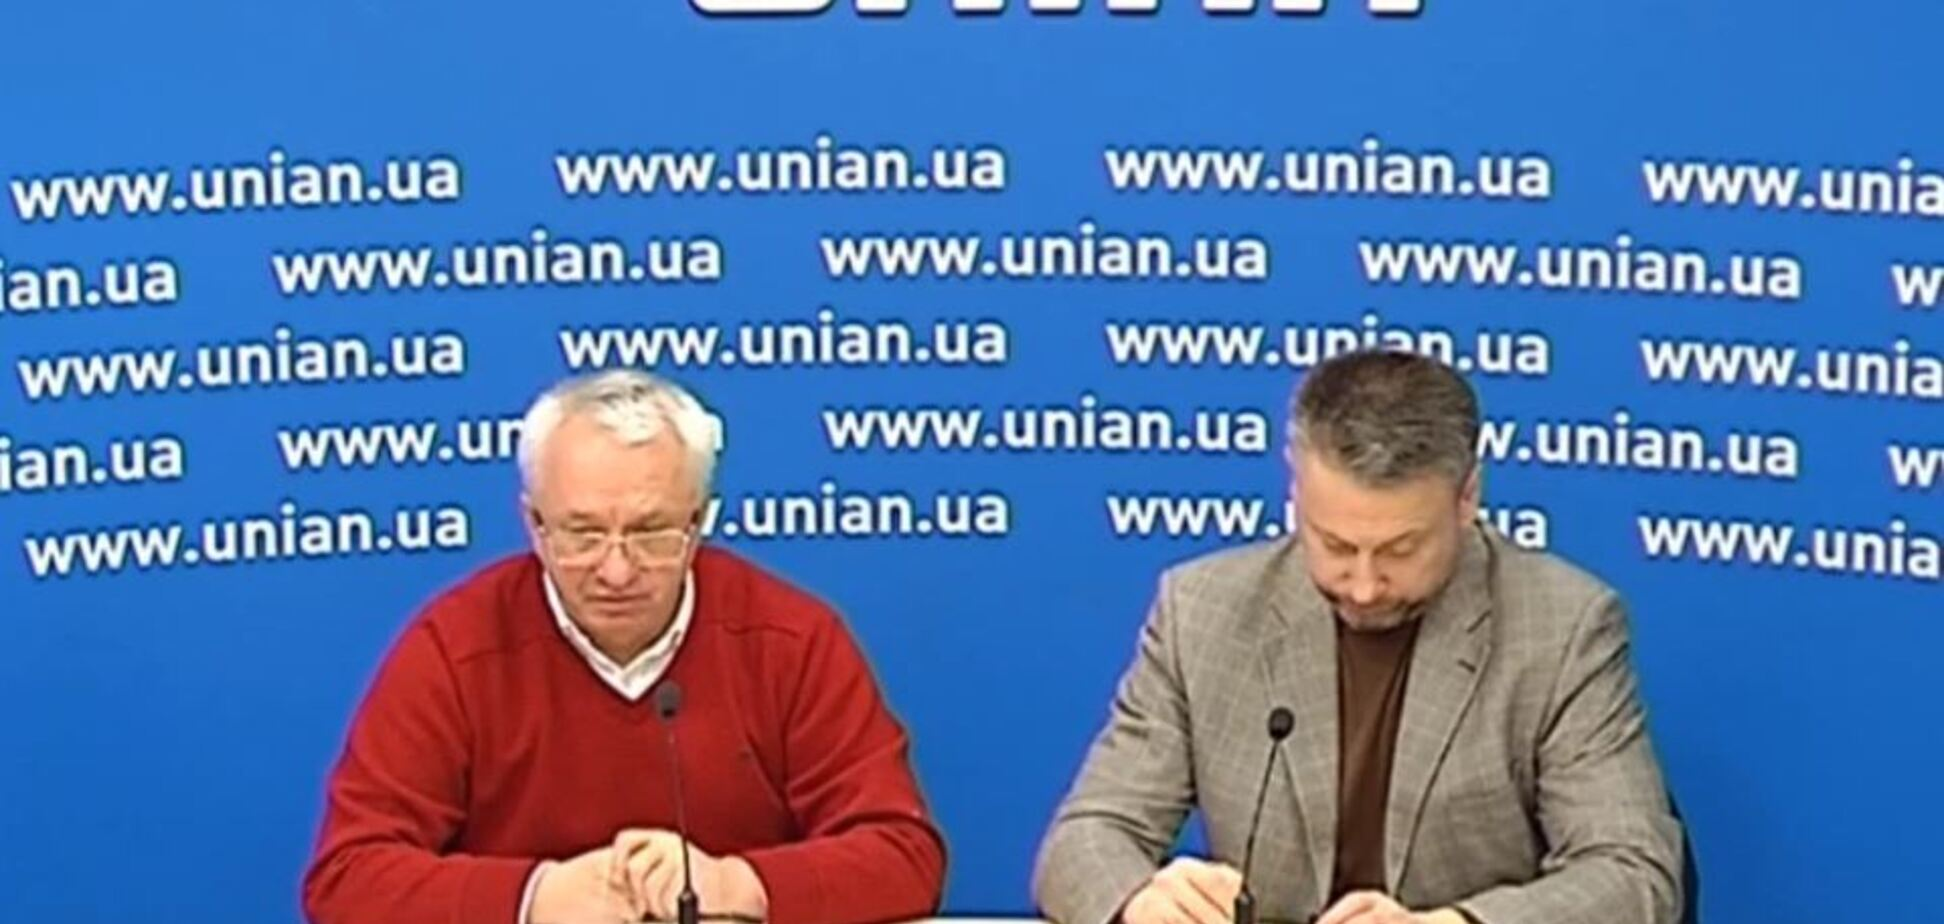 Тимошенко обґрунтовано знизить ціну на газ — експерти